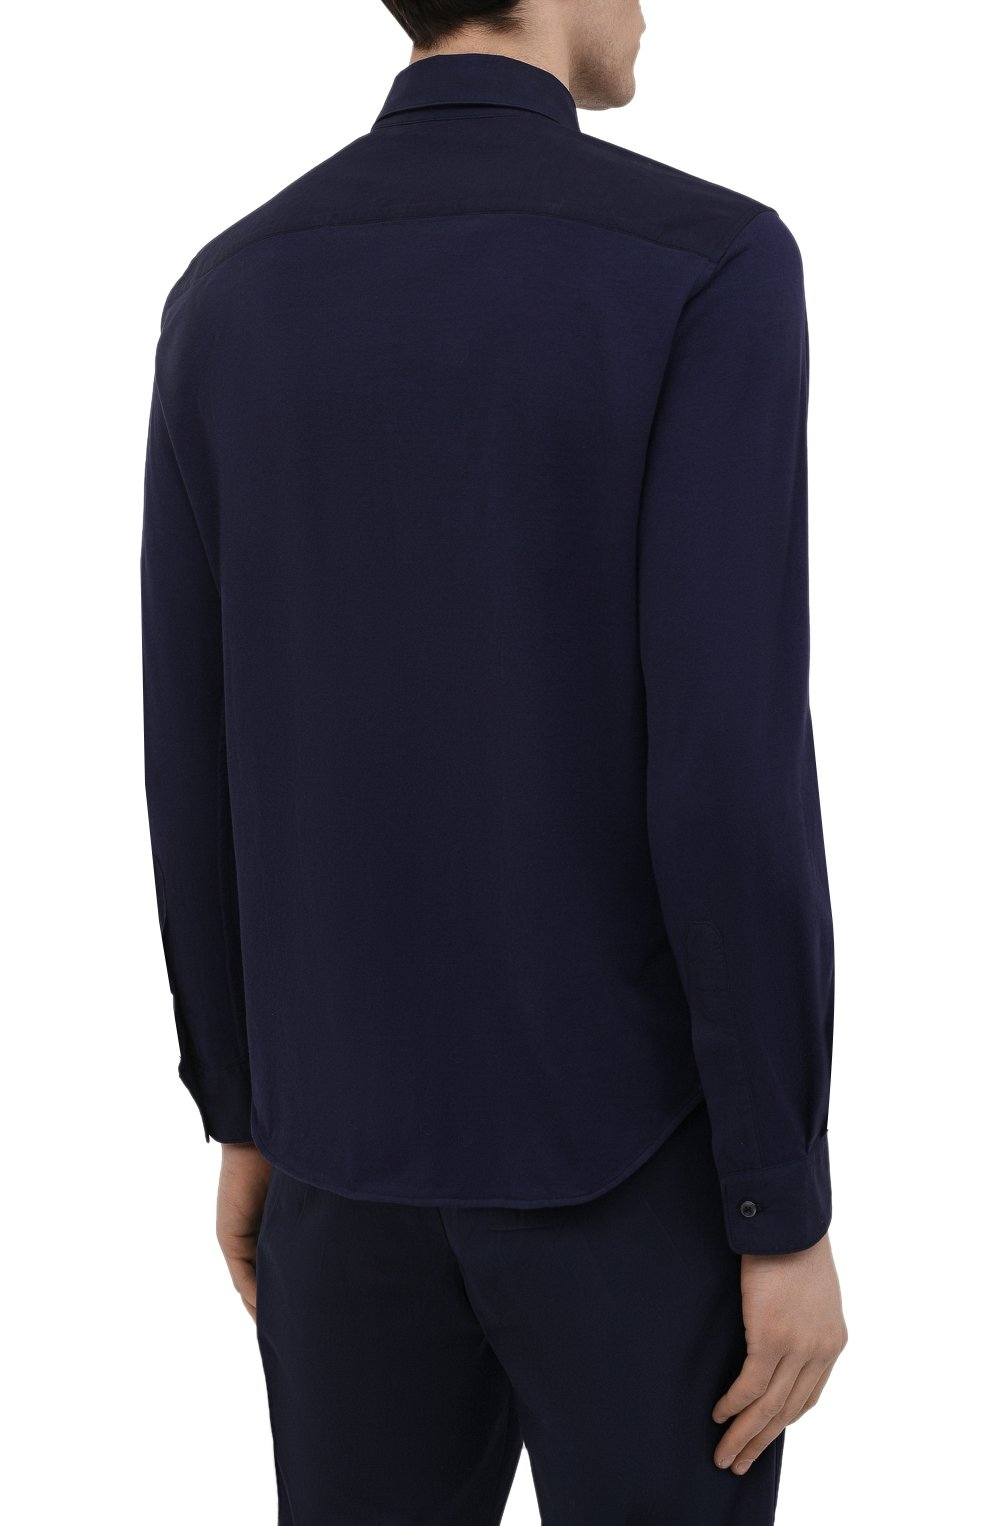 Мужская хлопковая рубашка ASPESI темно-синего цвета, арт. S1 A AY46 9408   Фото 4 (Манжеты: На пуговицах; Воротник: Кент; Рукава: Длинные; Случай: Повседневный; Длина (для топов): Стандартные; Материал внешний: Хлопок; Принт: Однотонные; Стили: Кэжуэл)